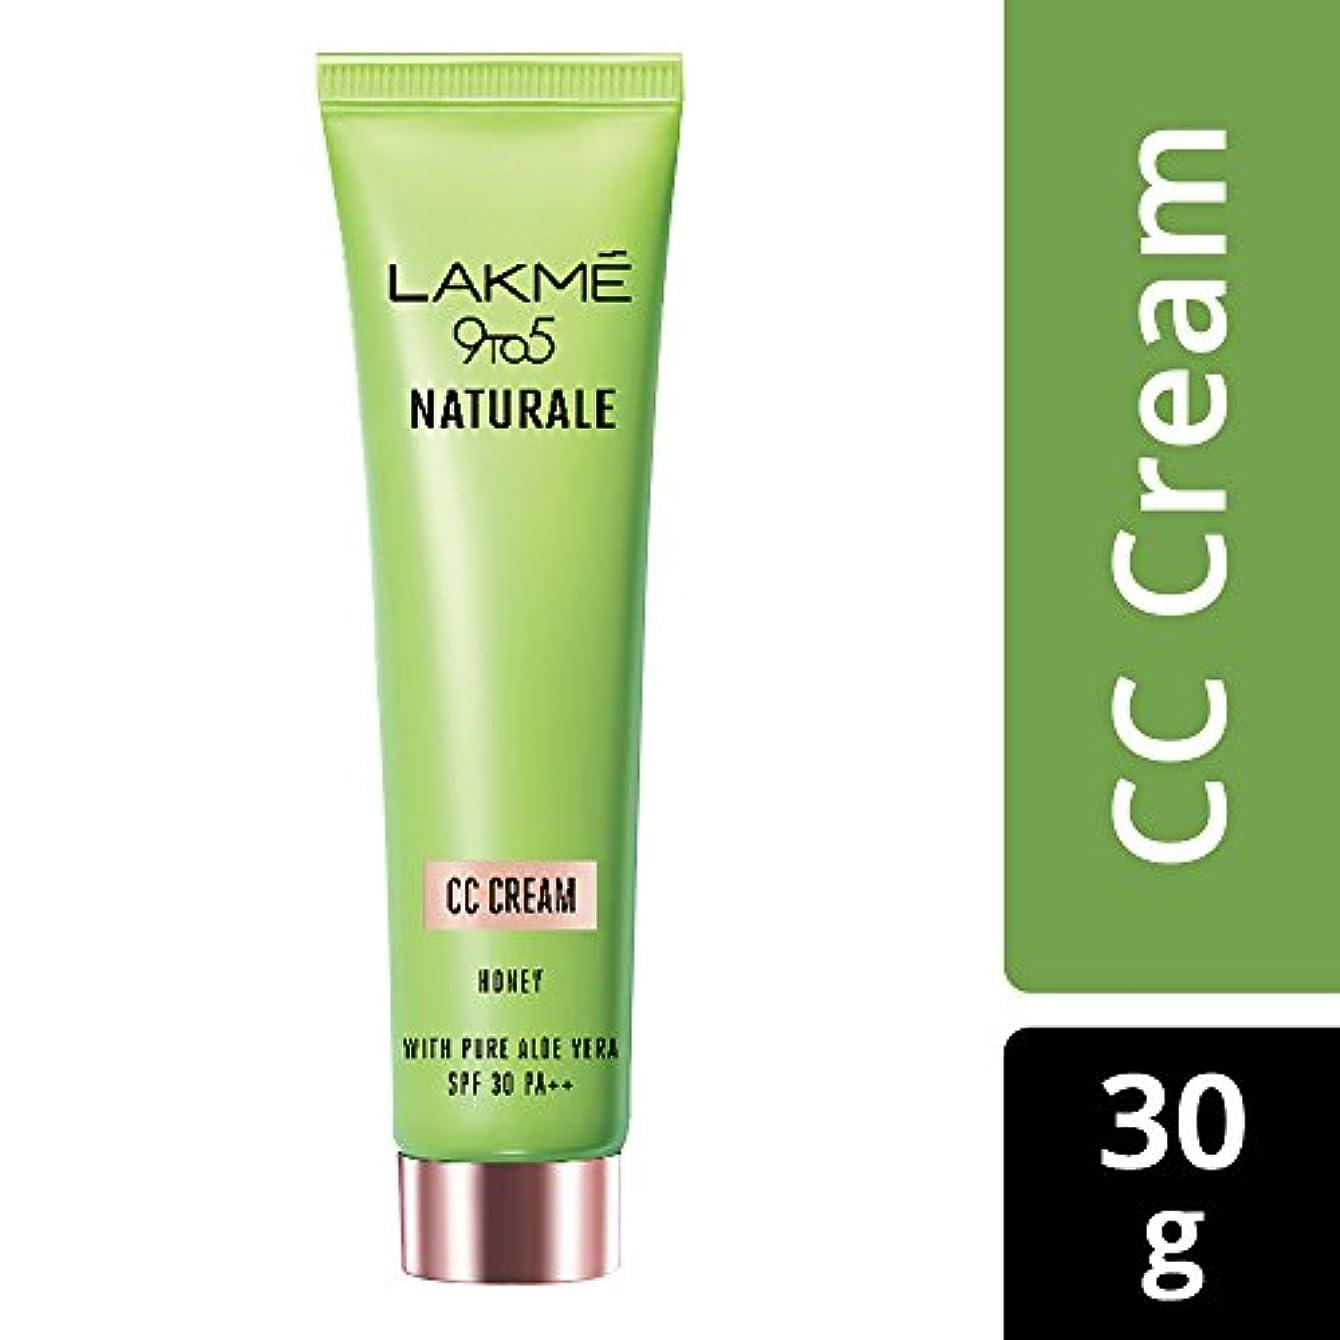 彼らのバースぼんやりしたLakme 9 to 5 Naturale CC Cream, Honey, 30g